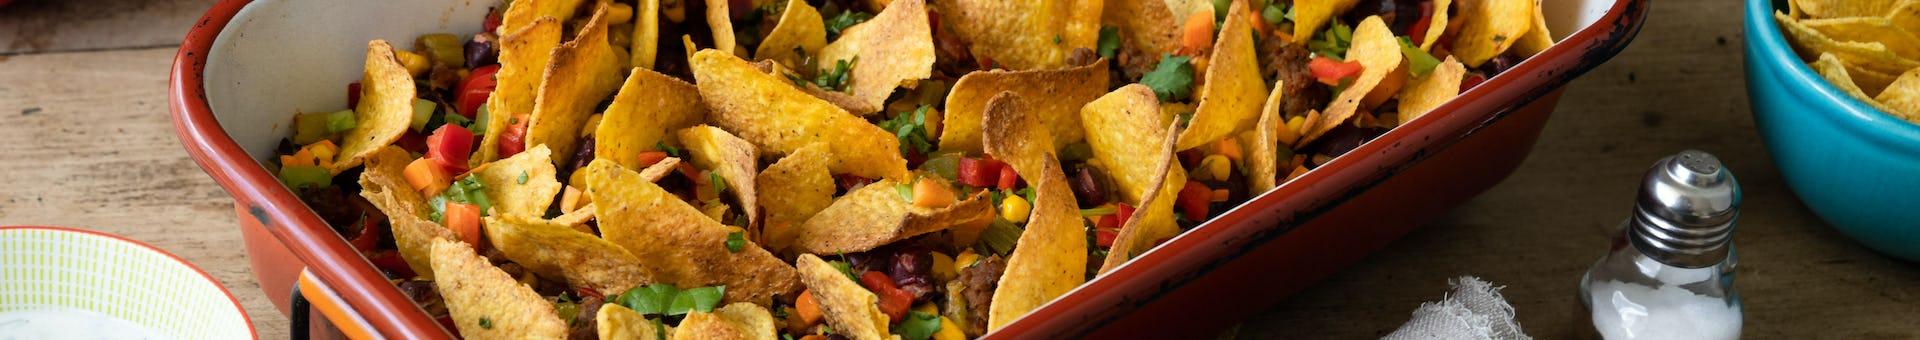 Chili con carne met tortillachips | Maaltijdboxen recepten